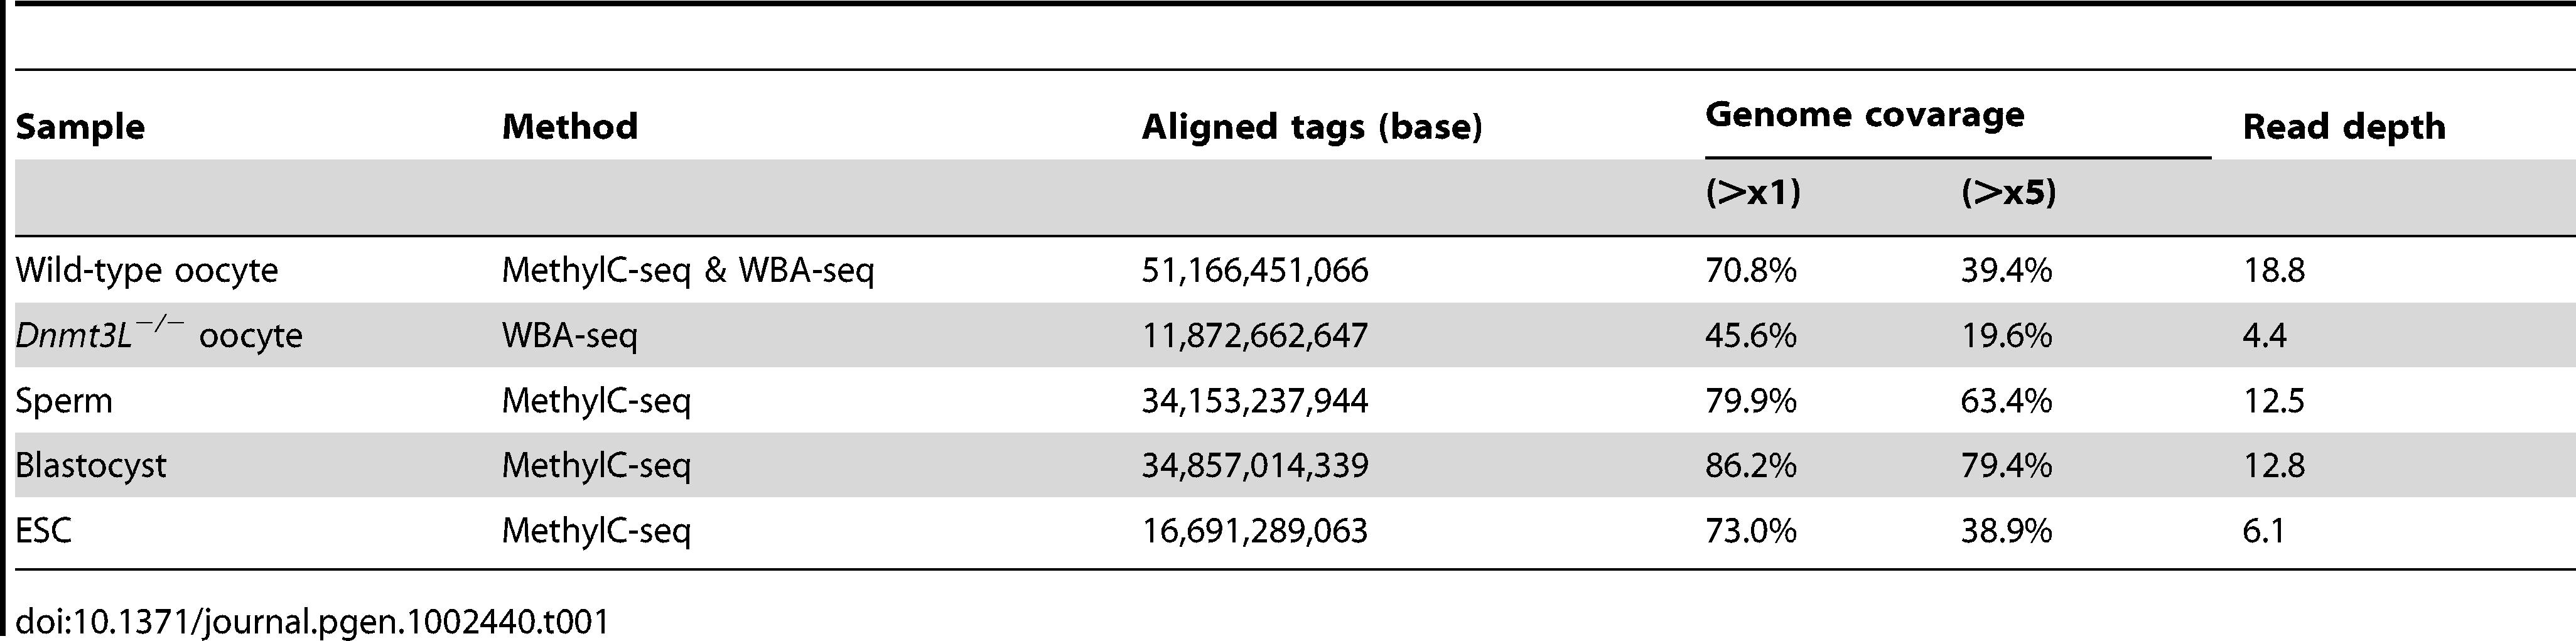 Summary of shotgun bisulfite sequencing data.